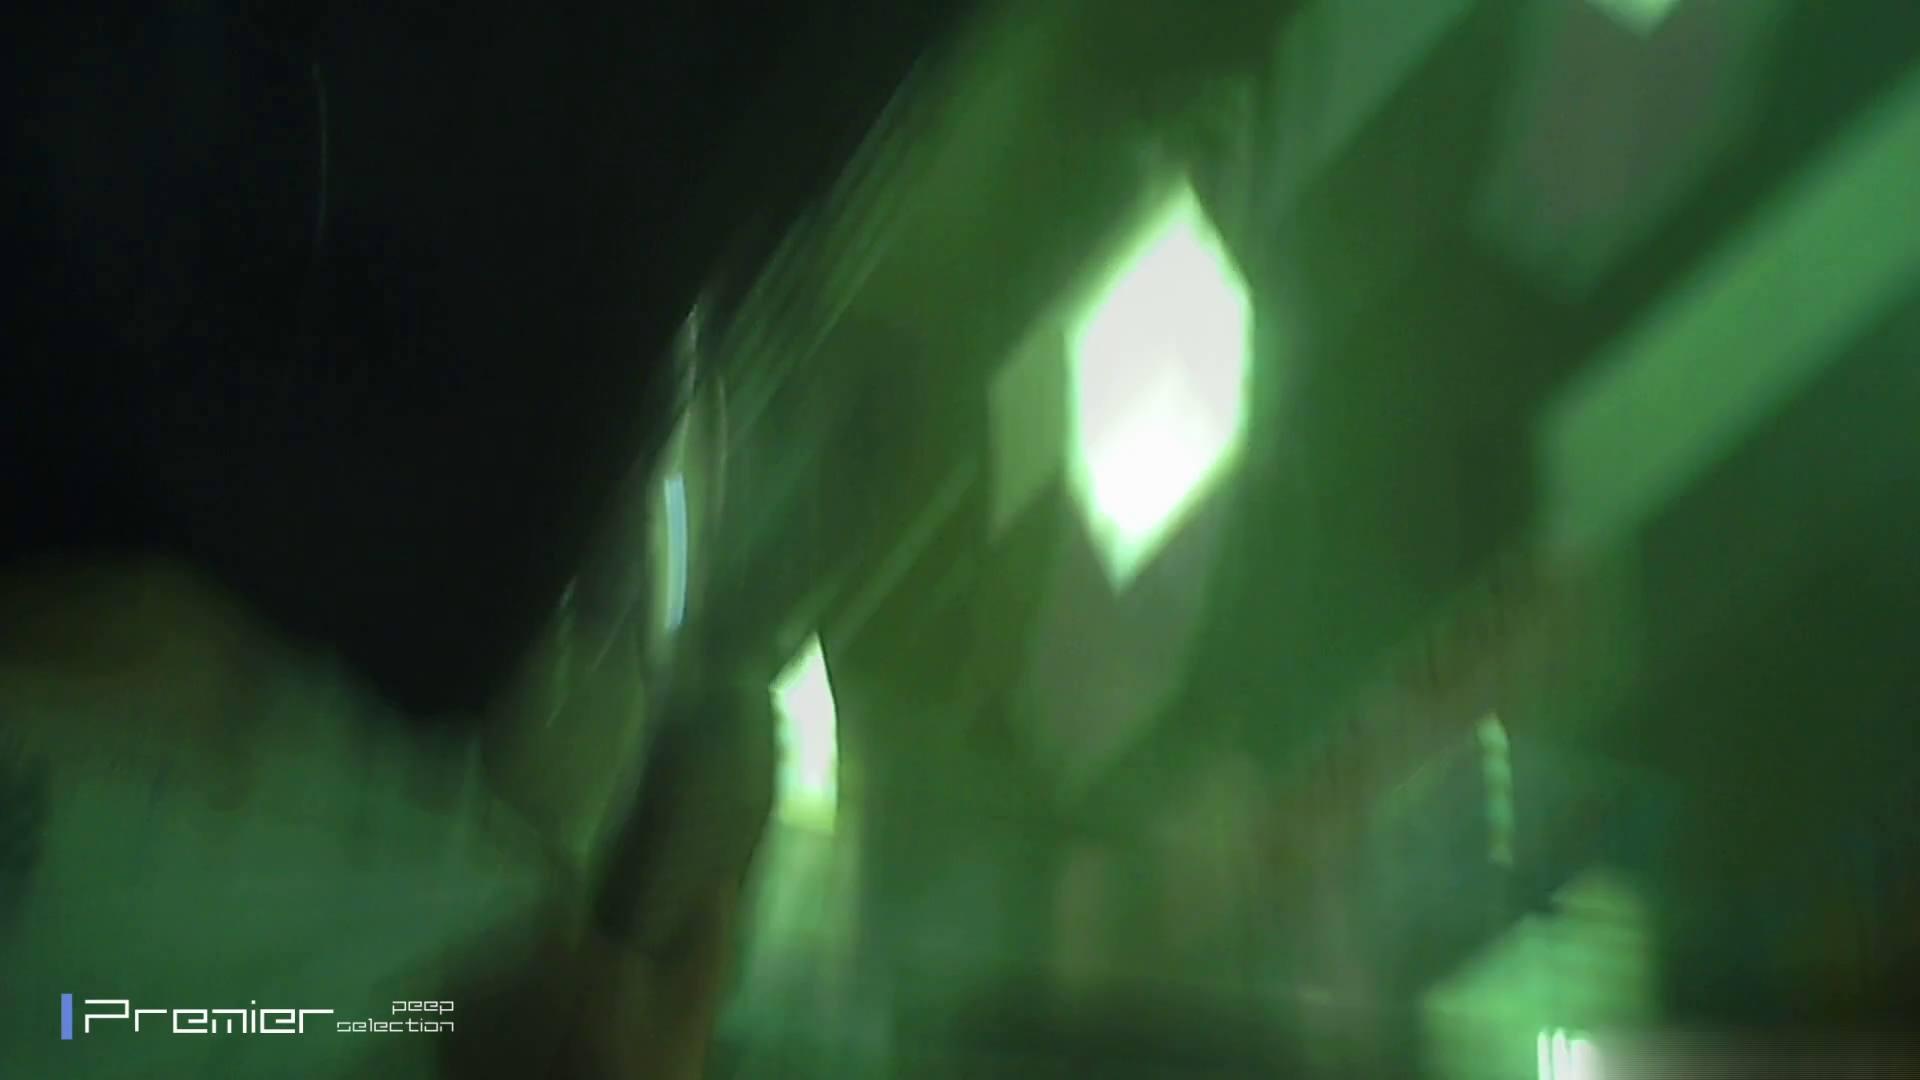 ギャルのパンチラ 美女の痴態に密着!Vol.13 ギャル  99PIX 46